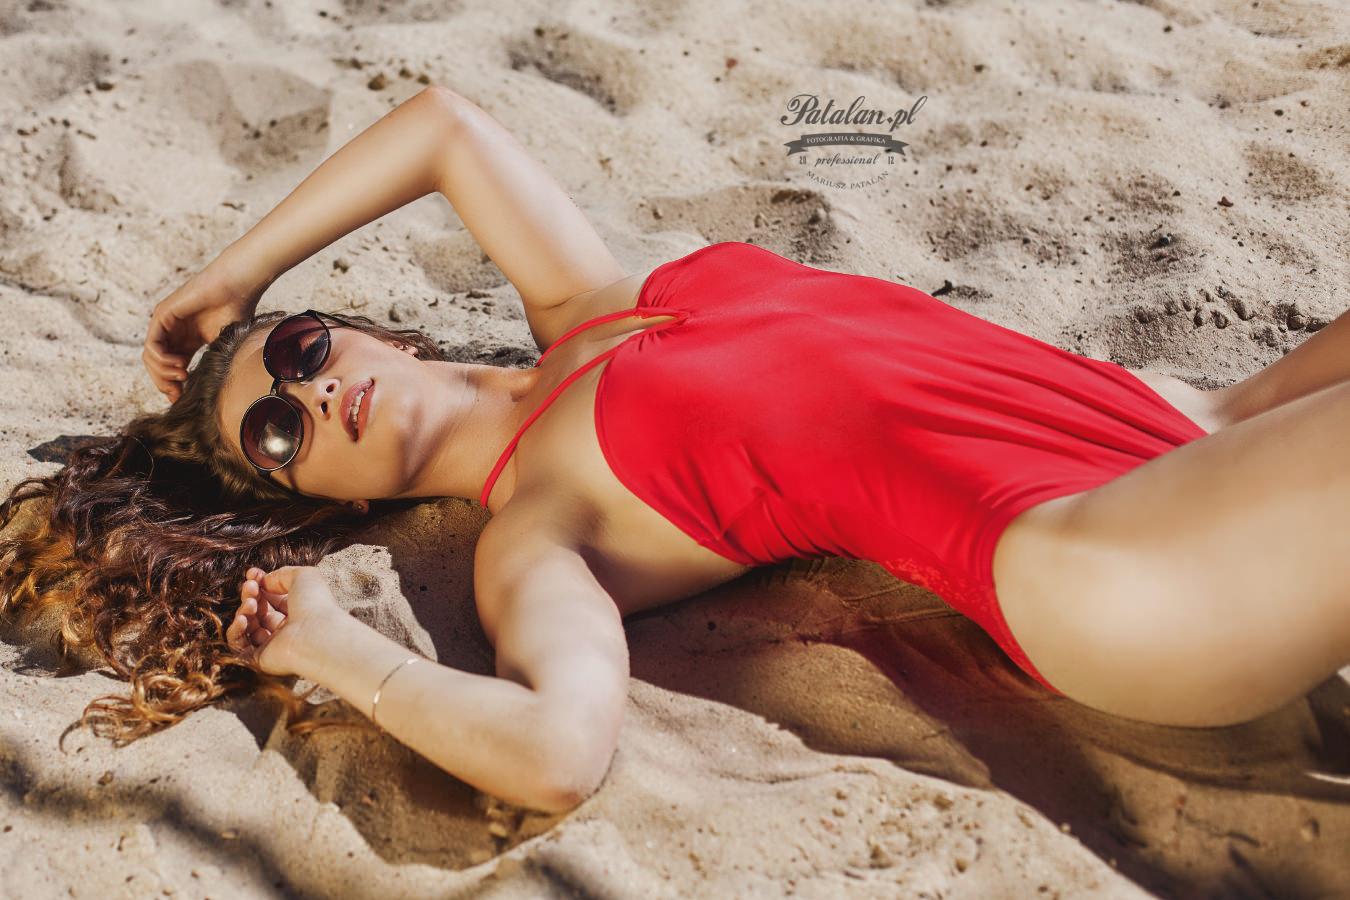 modelka na plaży, oświetlenie w plenerze, strój kąpielowy, seksowna modelka na plaży, złota blenda na sesji   zdjęciowej, zdjęcia na piasku modelka, strój kąpielowy modelka